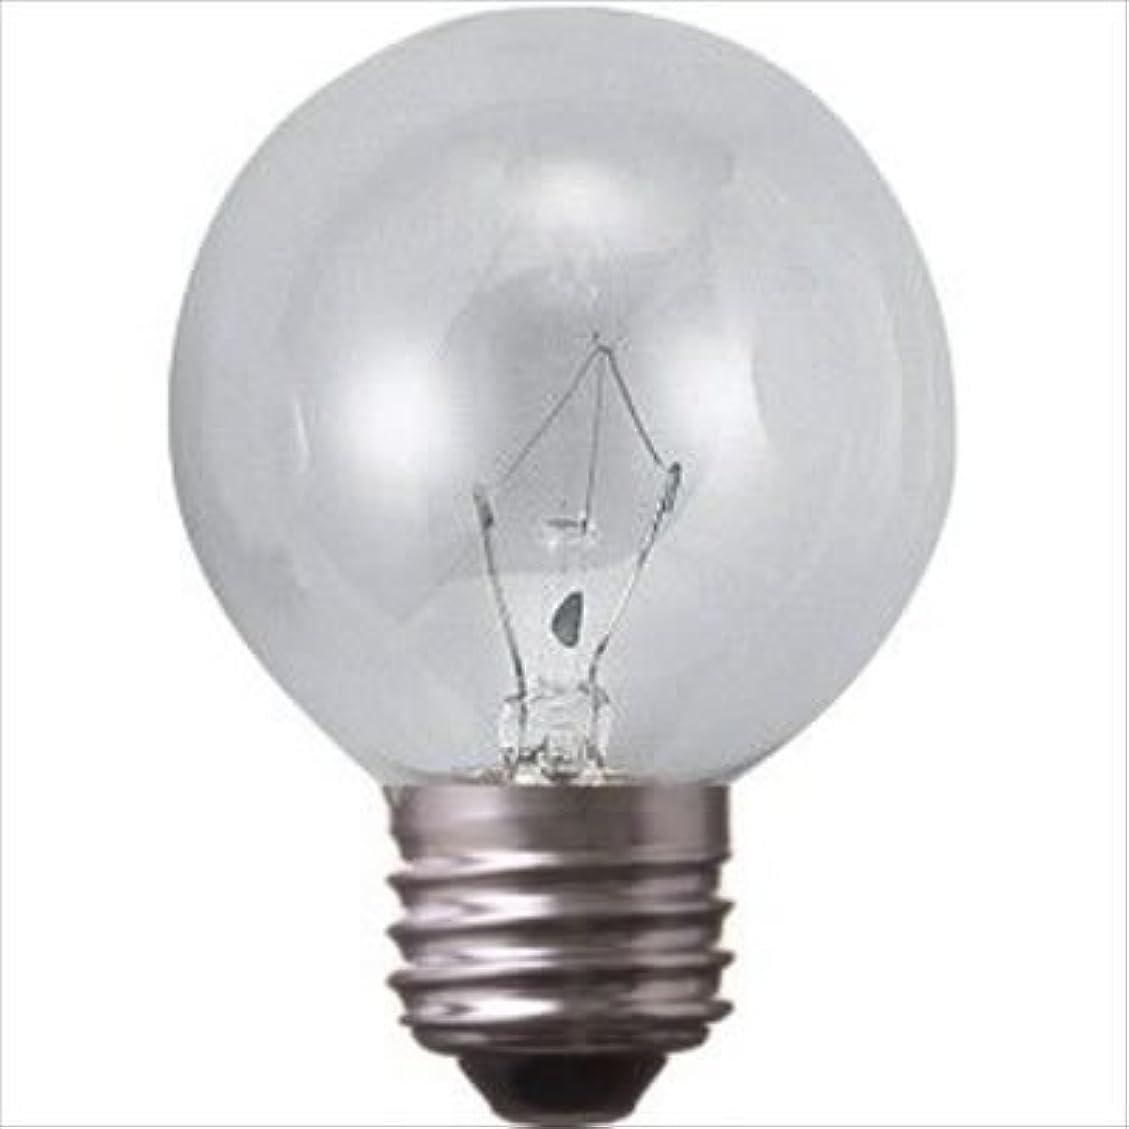 抽出出しますガロンアサヒ ボール球 クリヤー E26口金 直径50mm(G50) 5W G50 E26 110V-5W(C)